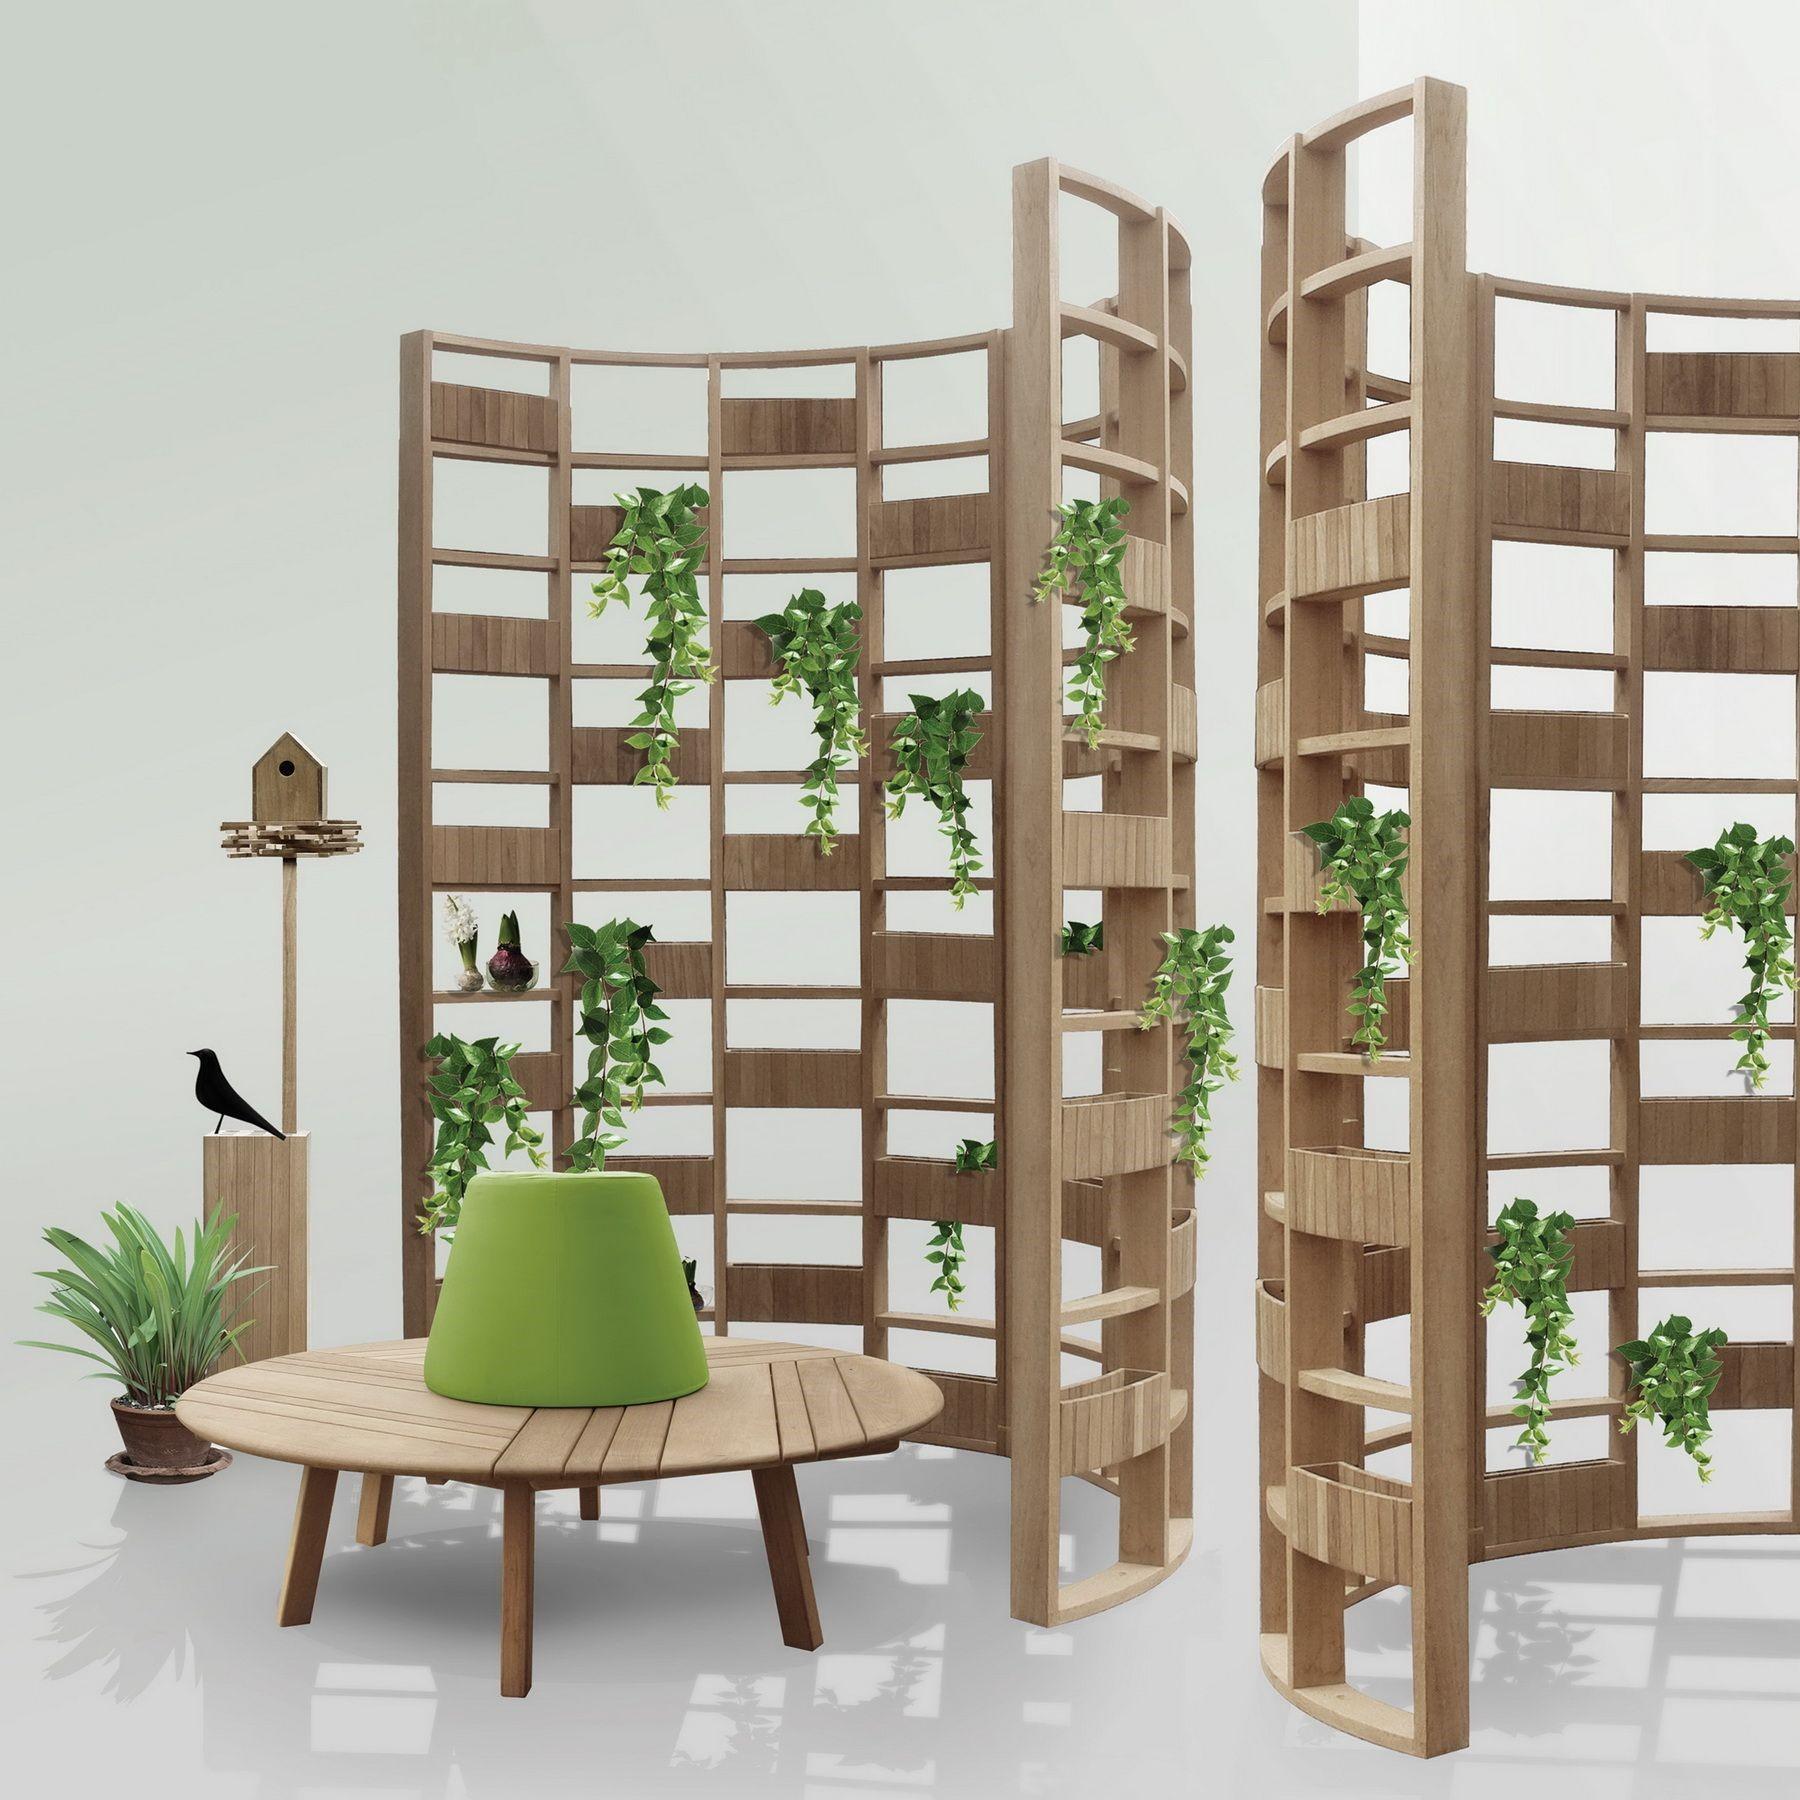 DEESAWAT – biombo-verde e mobiliário para área externa